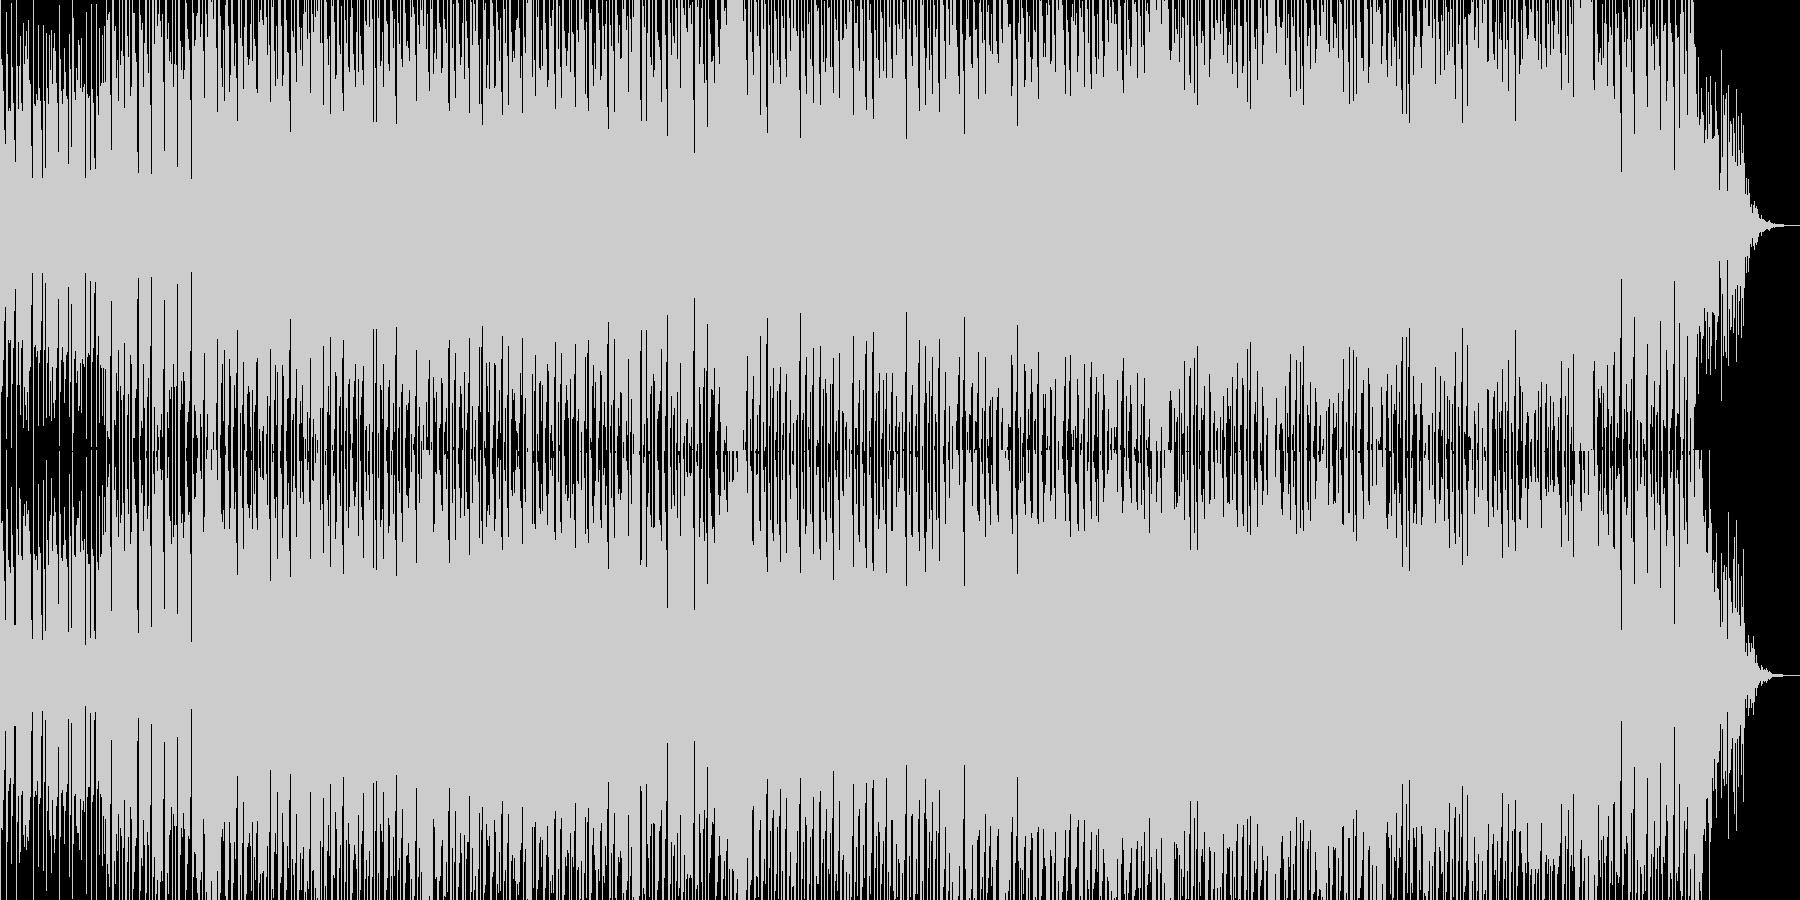 リズムが印象的なエレクトロテクノの未再生の波形